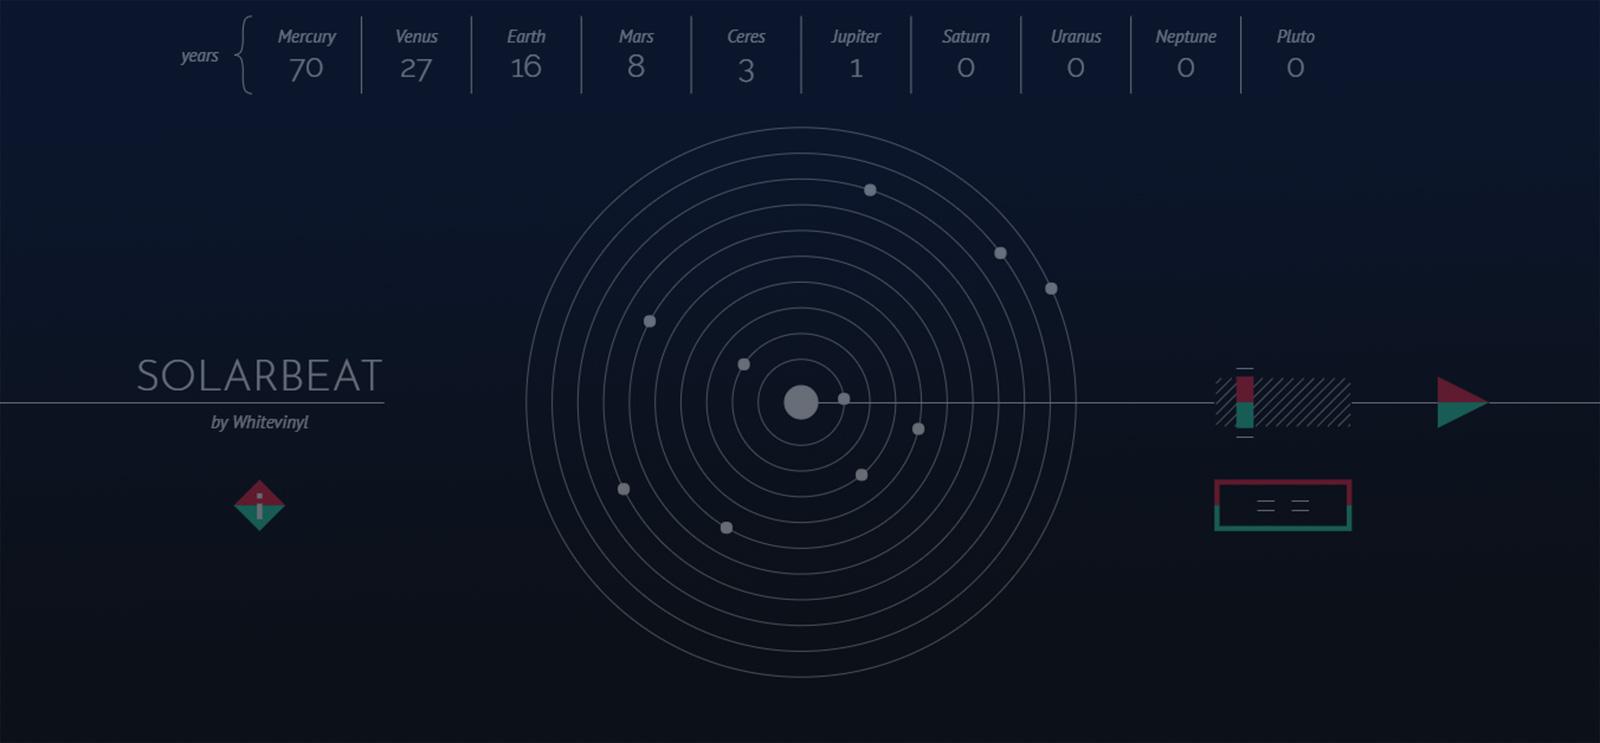 Unidades de medida de distancias en astronomía